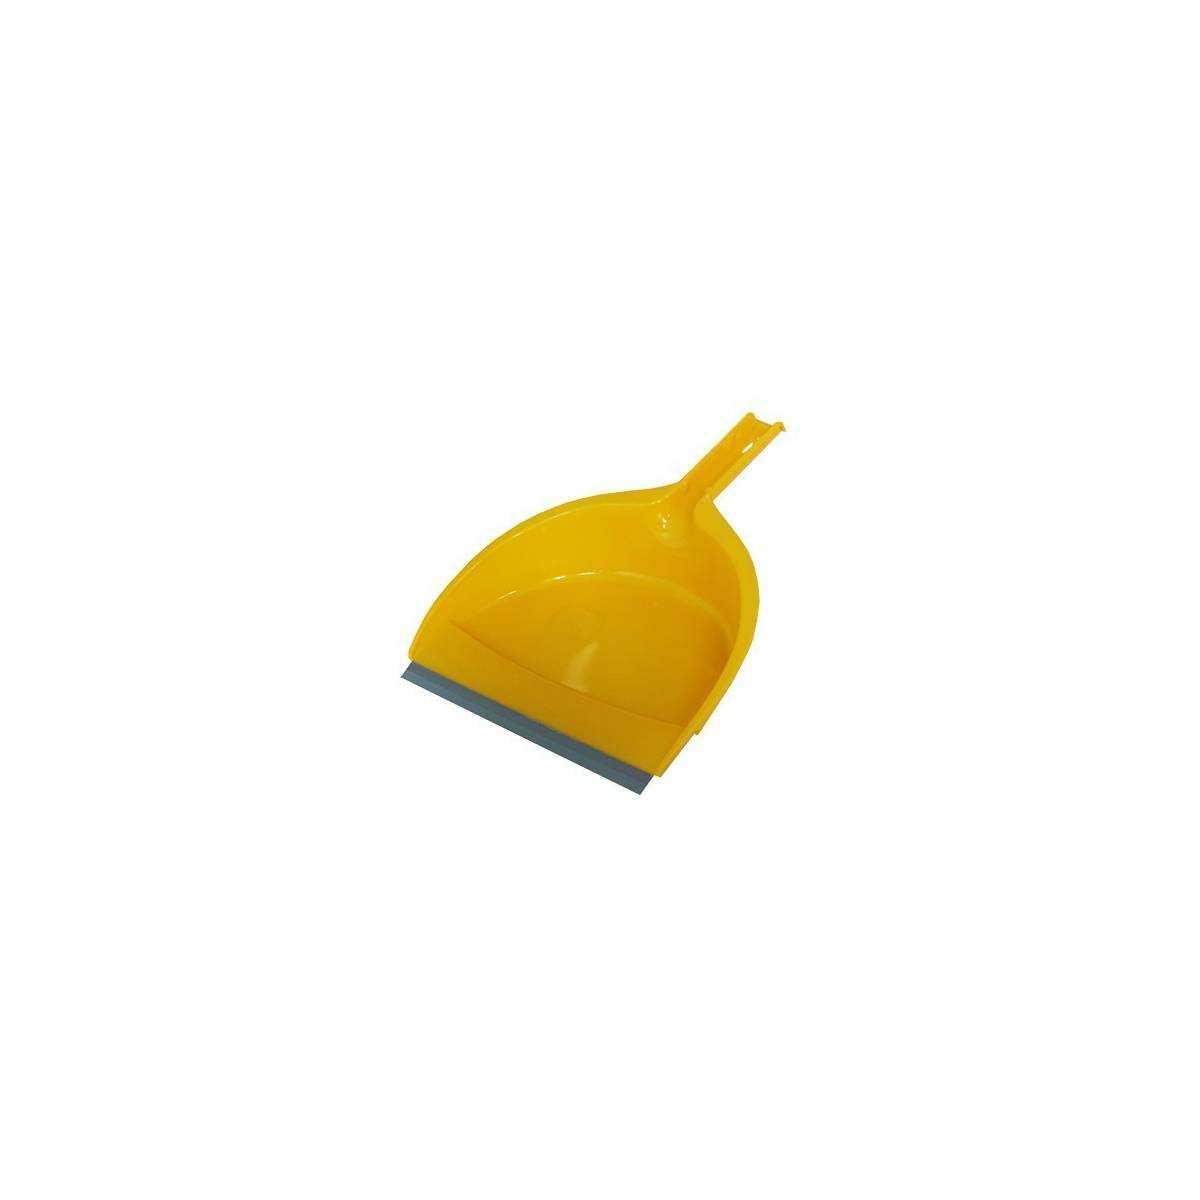 Совок для уборки Clip (Желтого цвета) 20.00755.0024.00  Y TTS